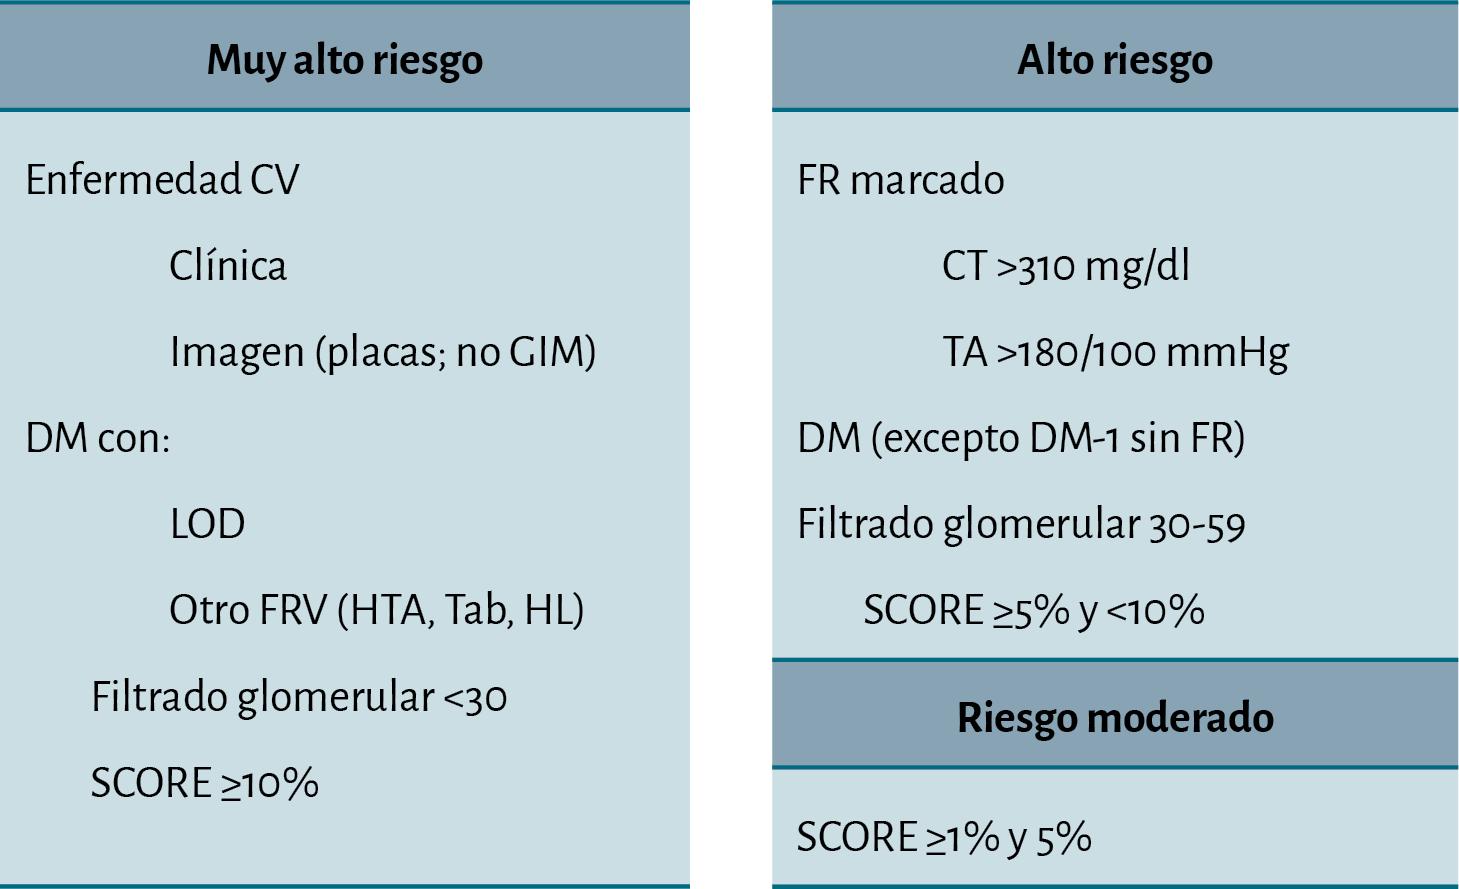 tratamiento para los trigliceridos altos pdf